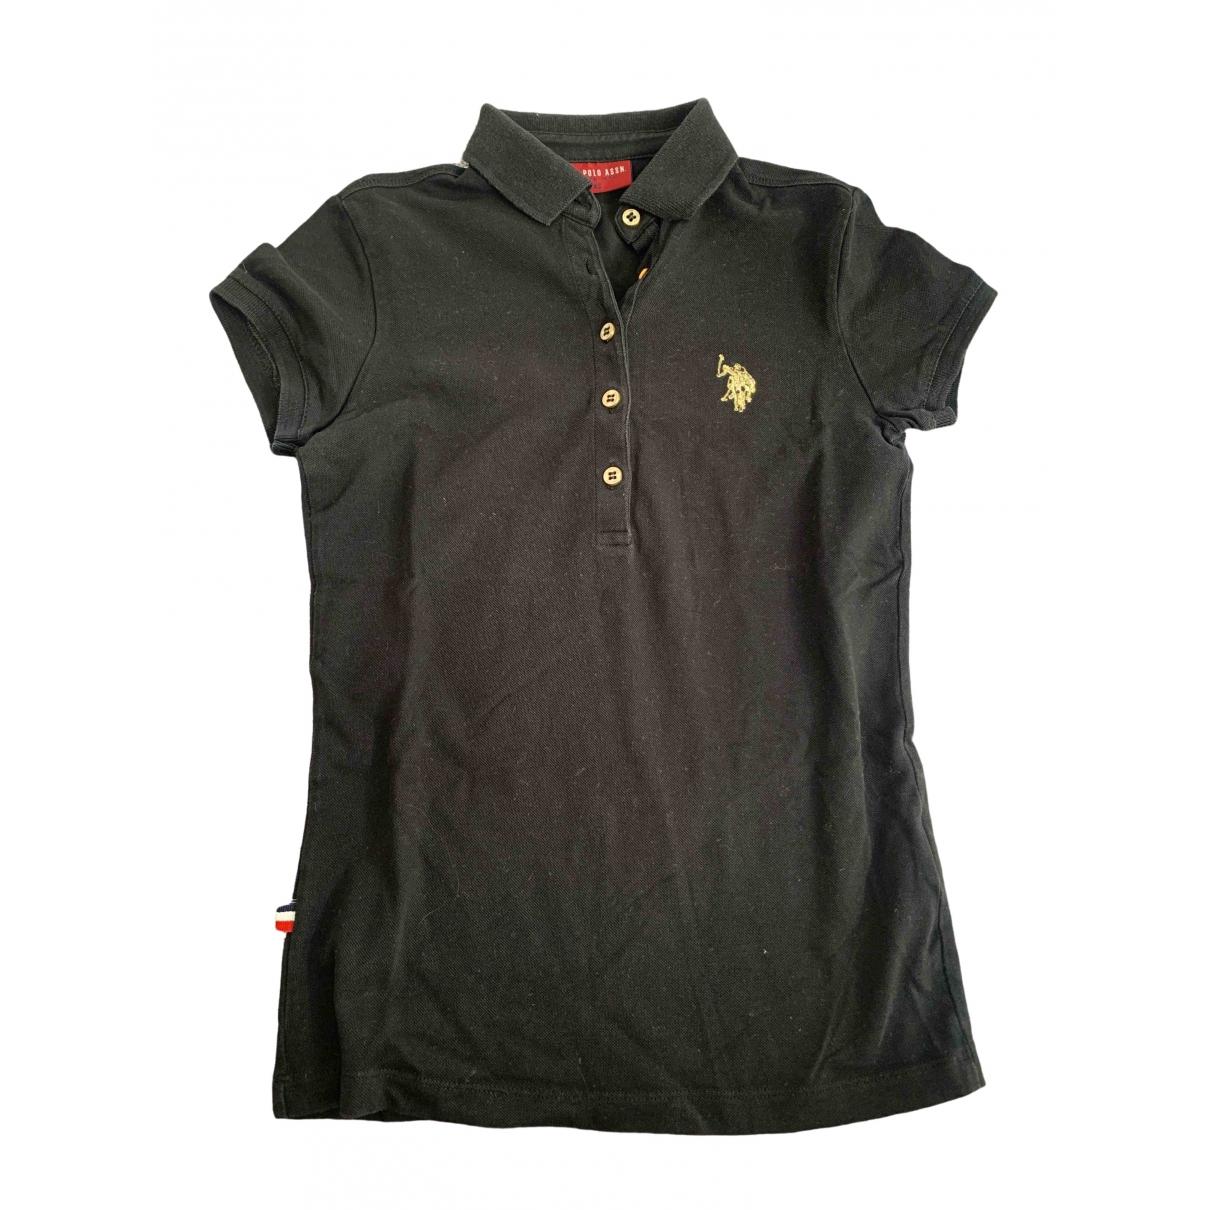 Polo Ralph Lauren Polo cintré manches courtes Black Cotton  top for Women XS International